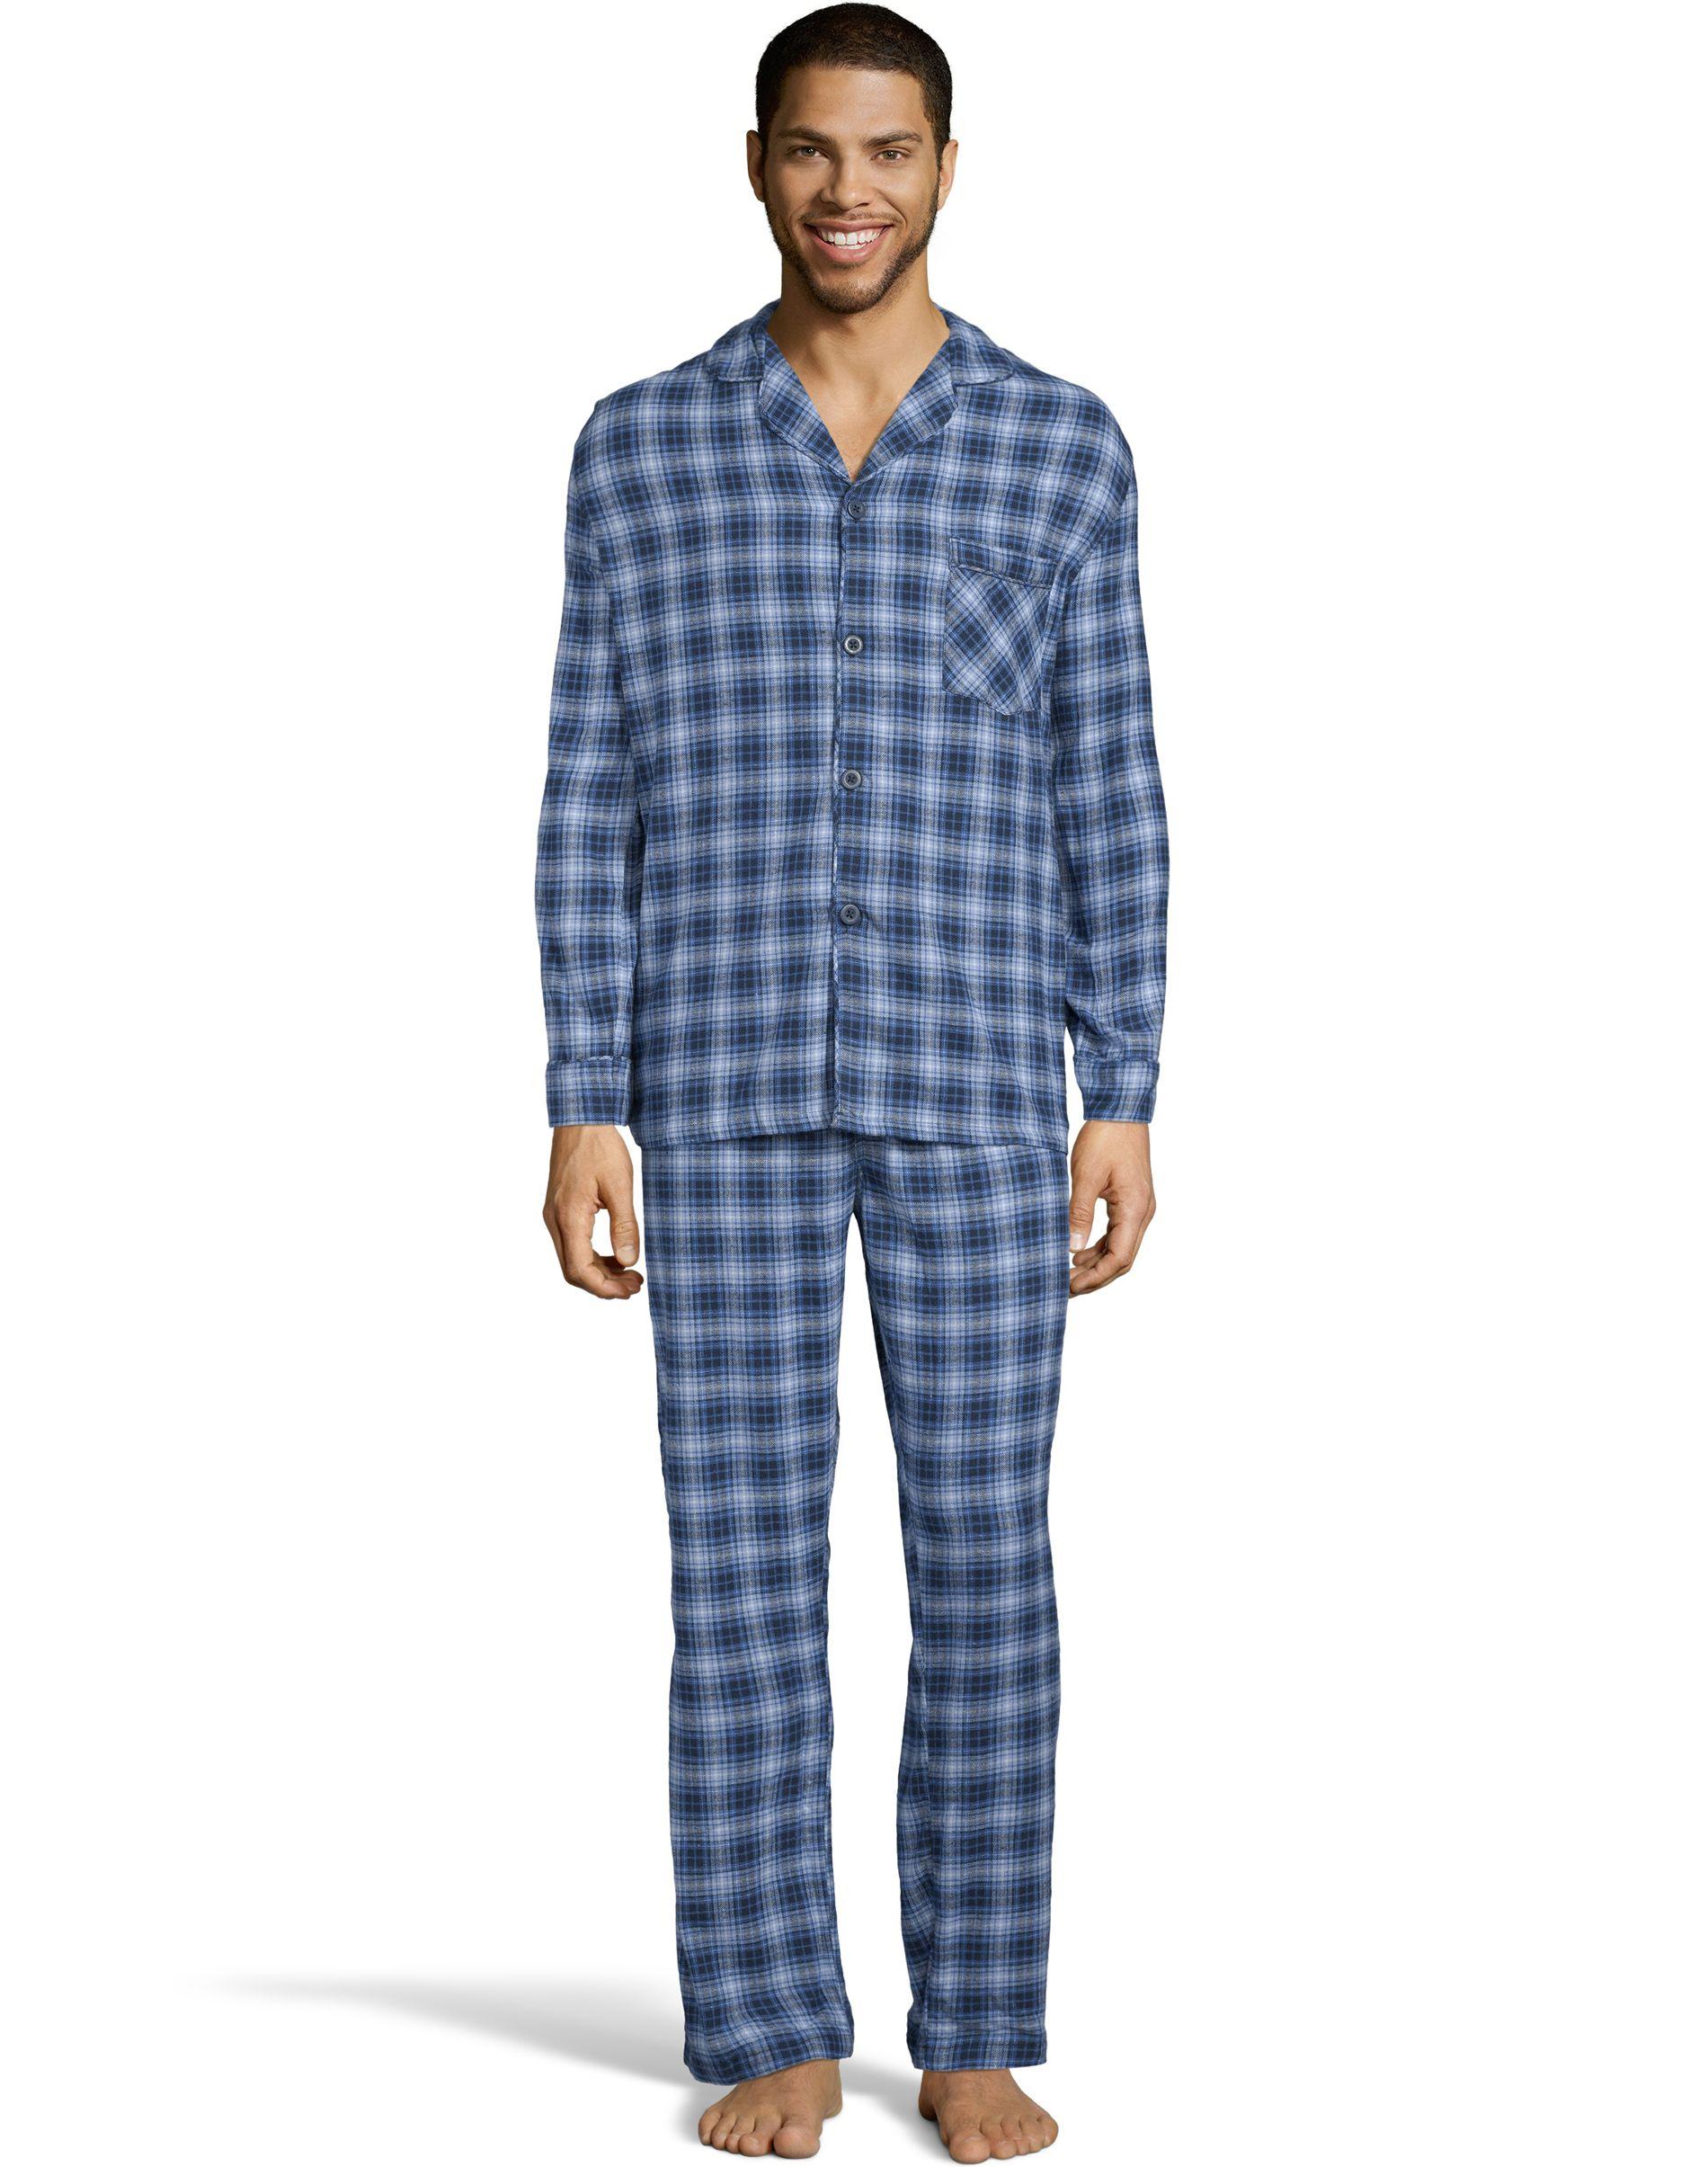 hanes men's flannel pajamas men Hanes